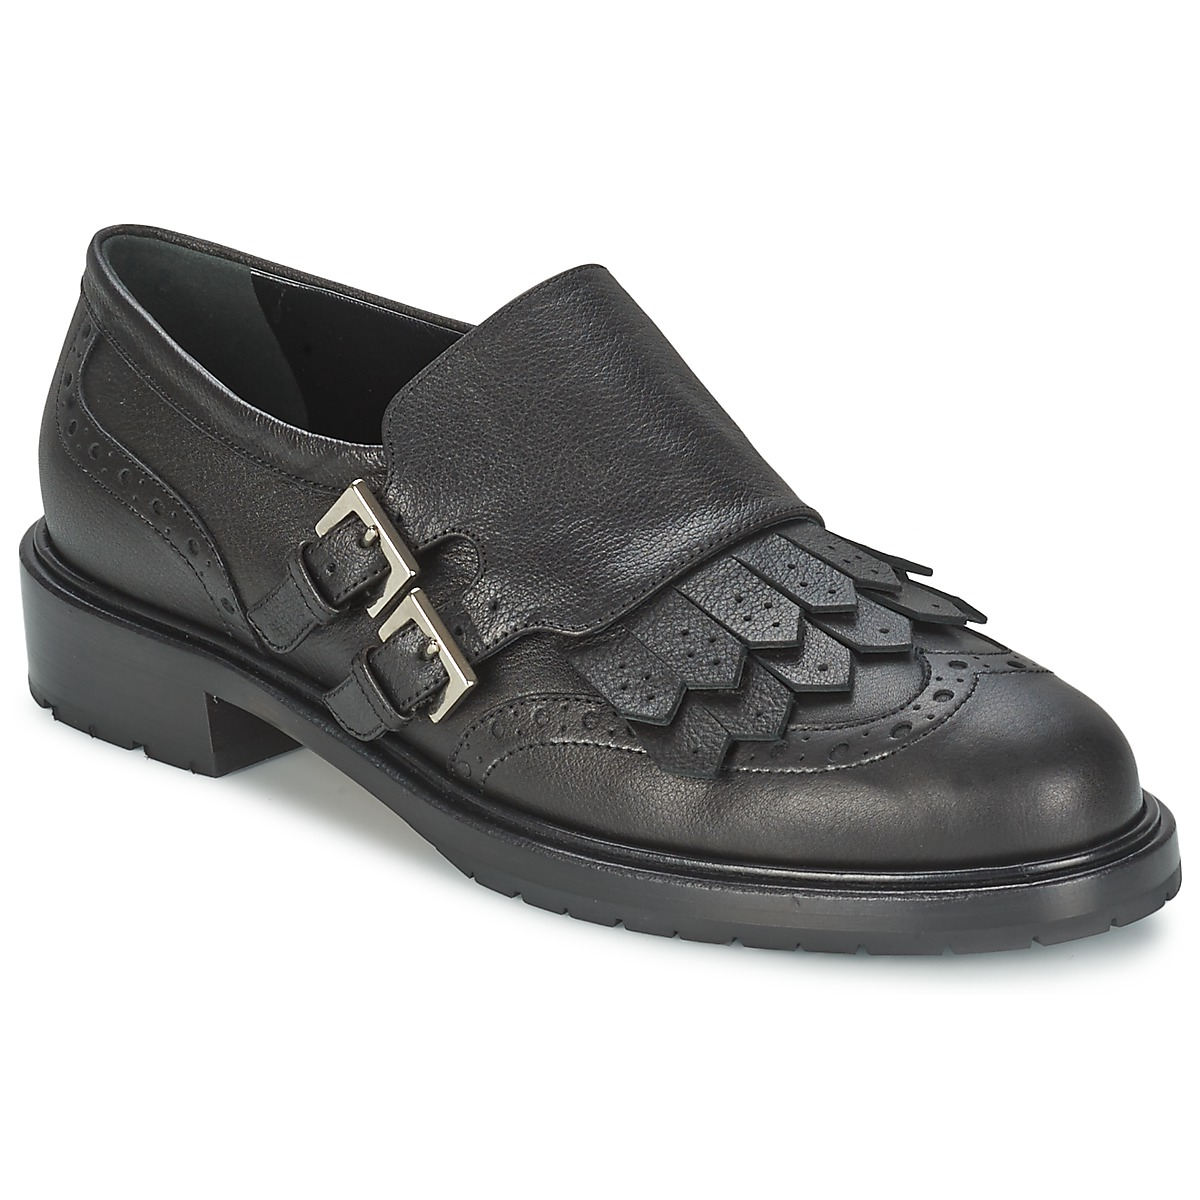 Kengät Etro 3096